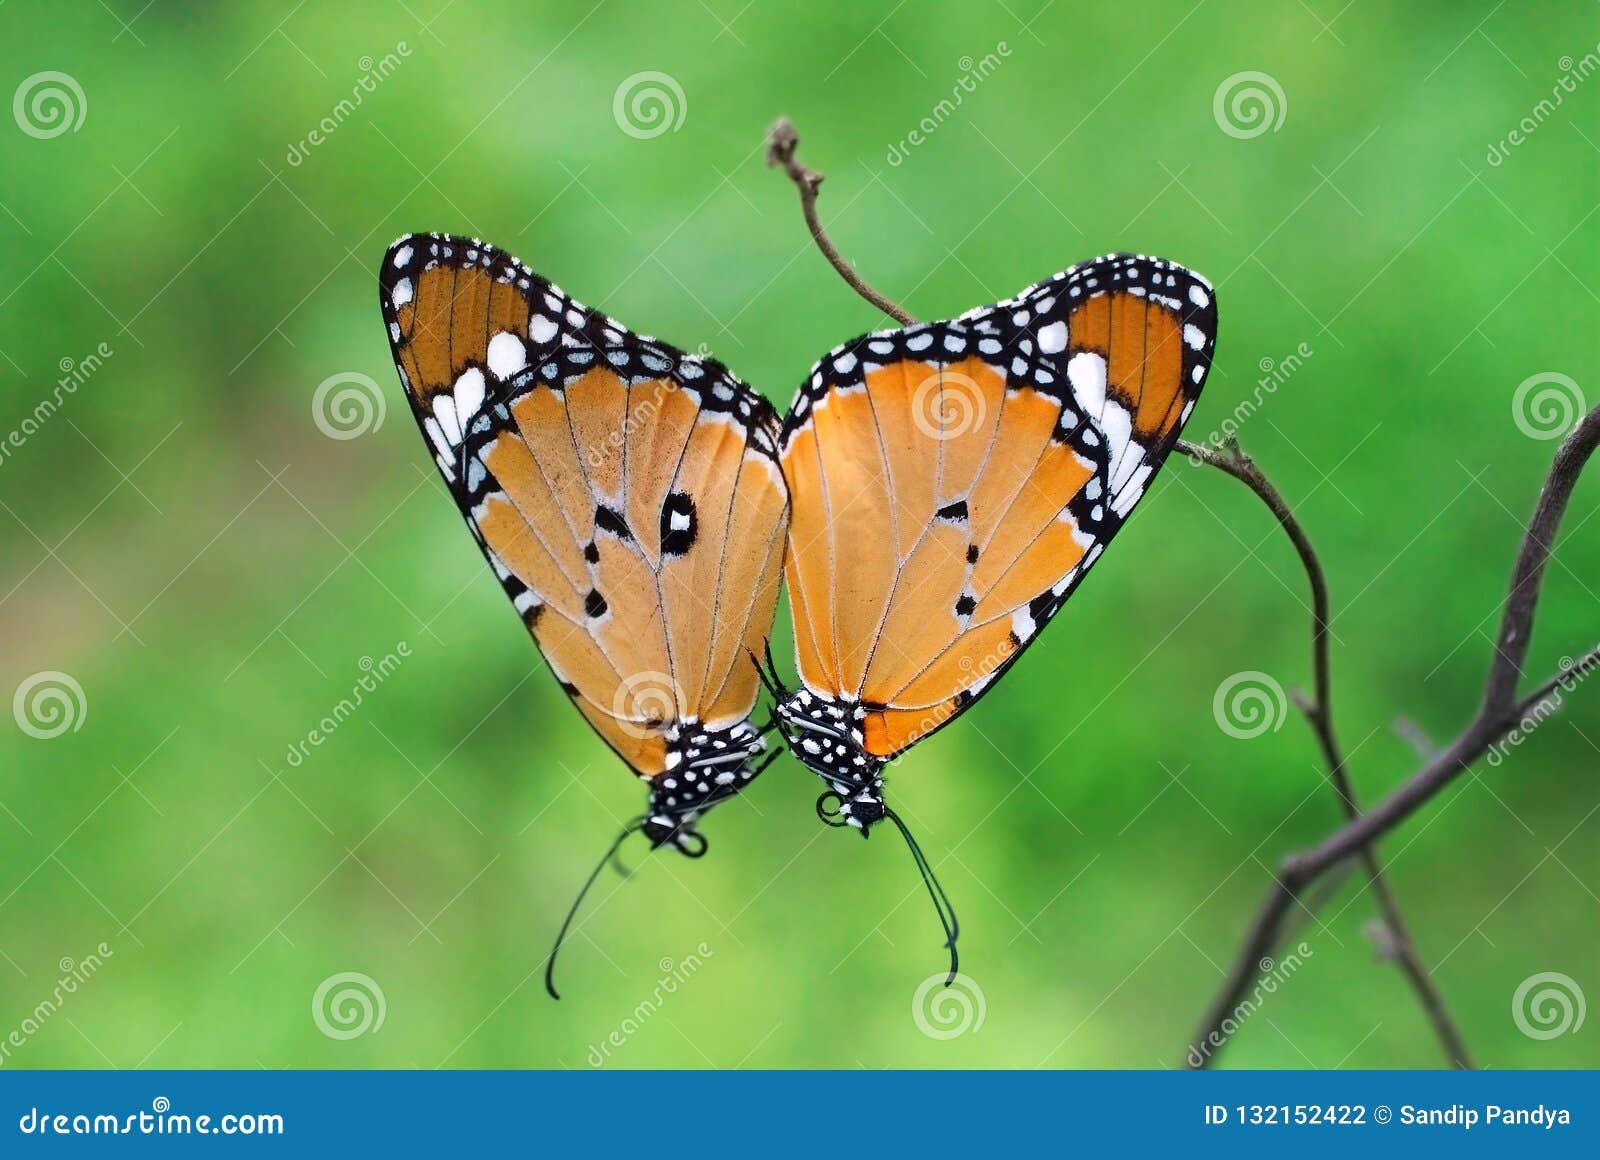 Chrysippus do Danaus ou acoplamento liso da borboleta do tigre